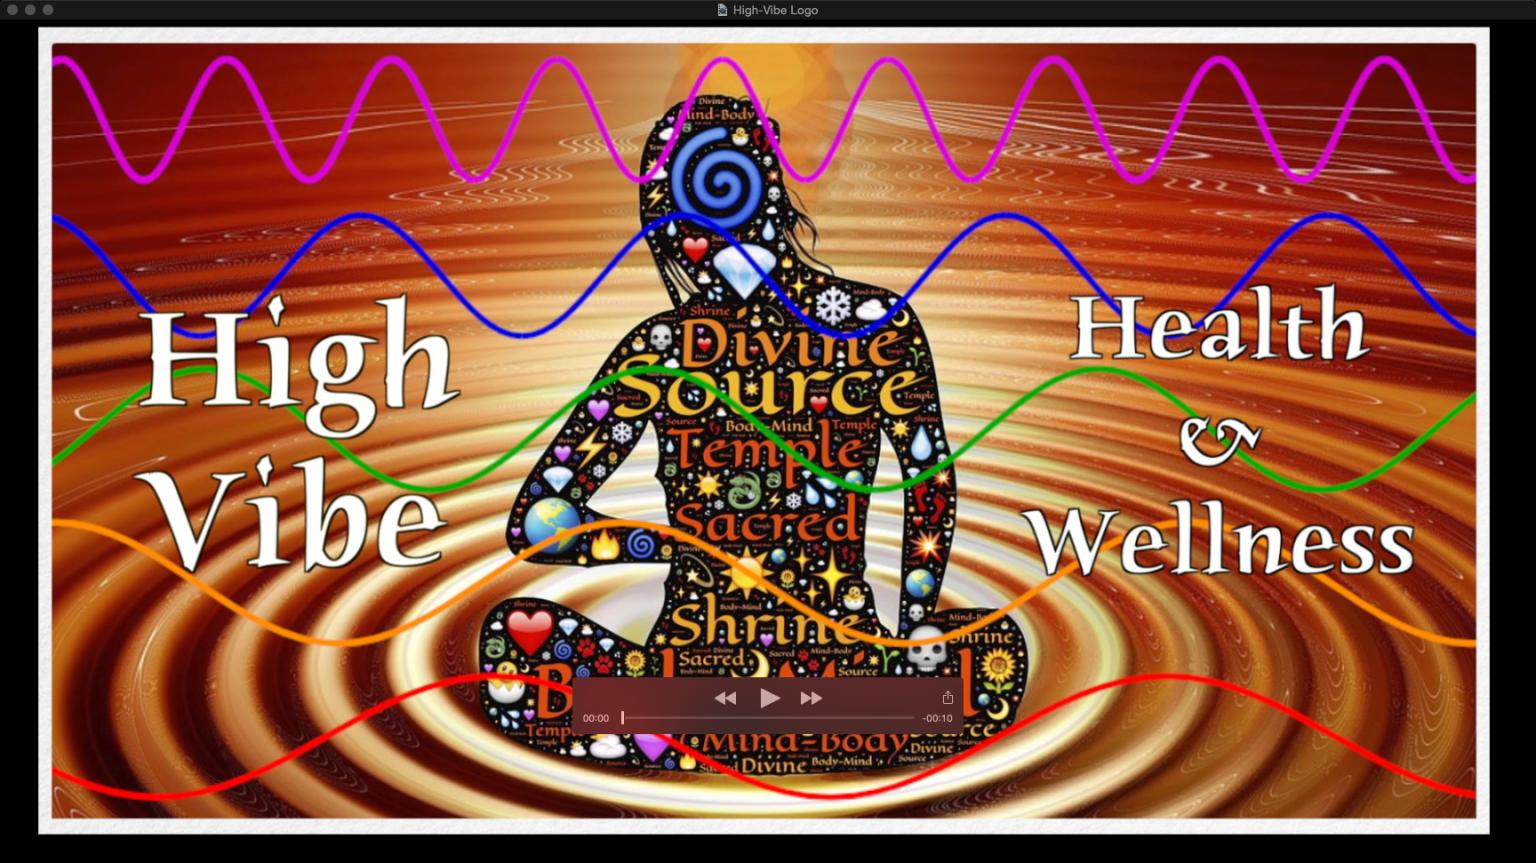 High-Vibe-Logo-1536x863